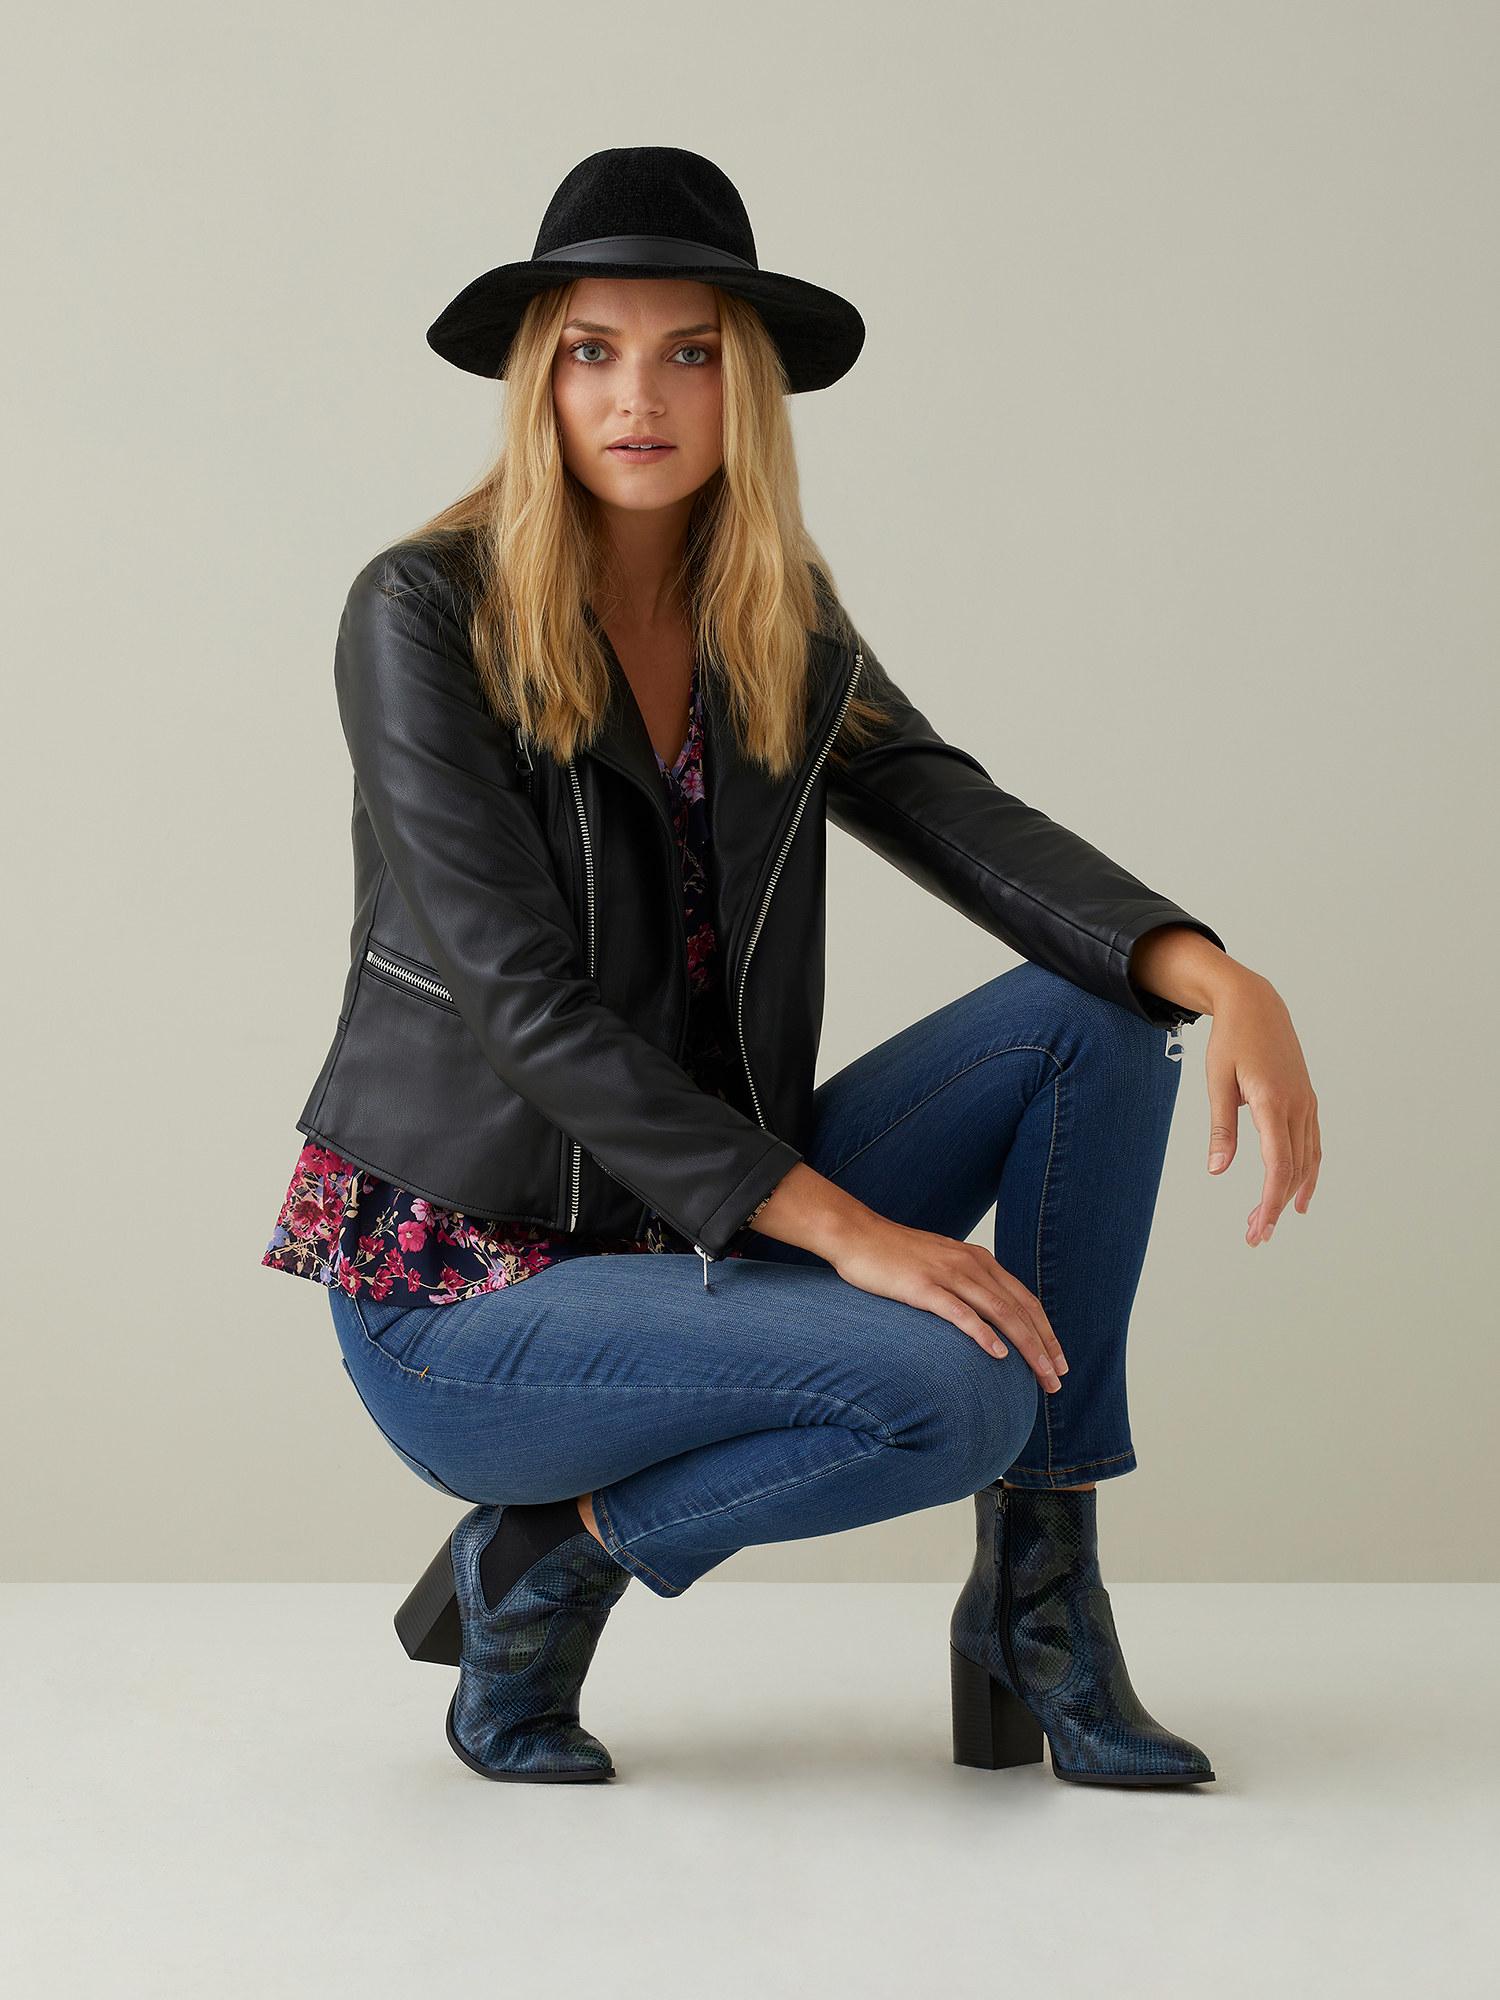 Model wearing moto jacket